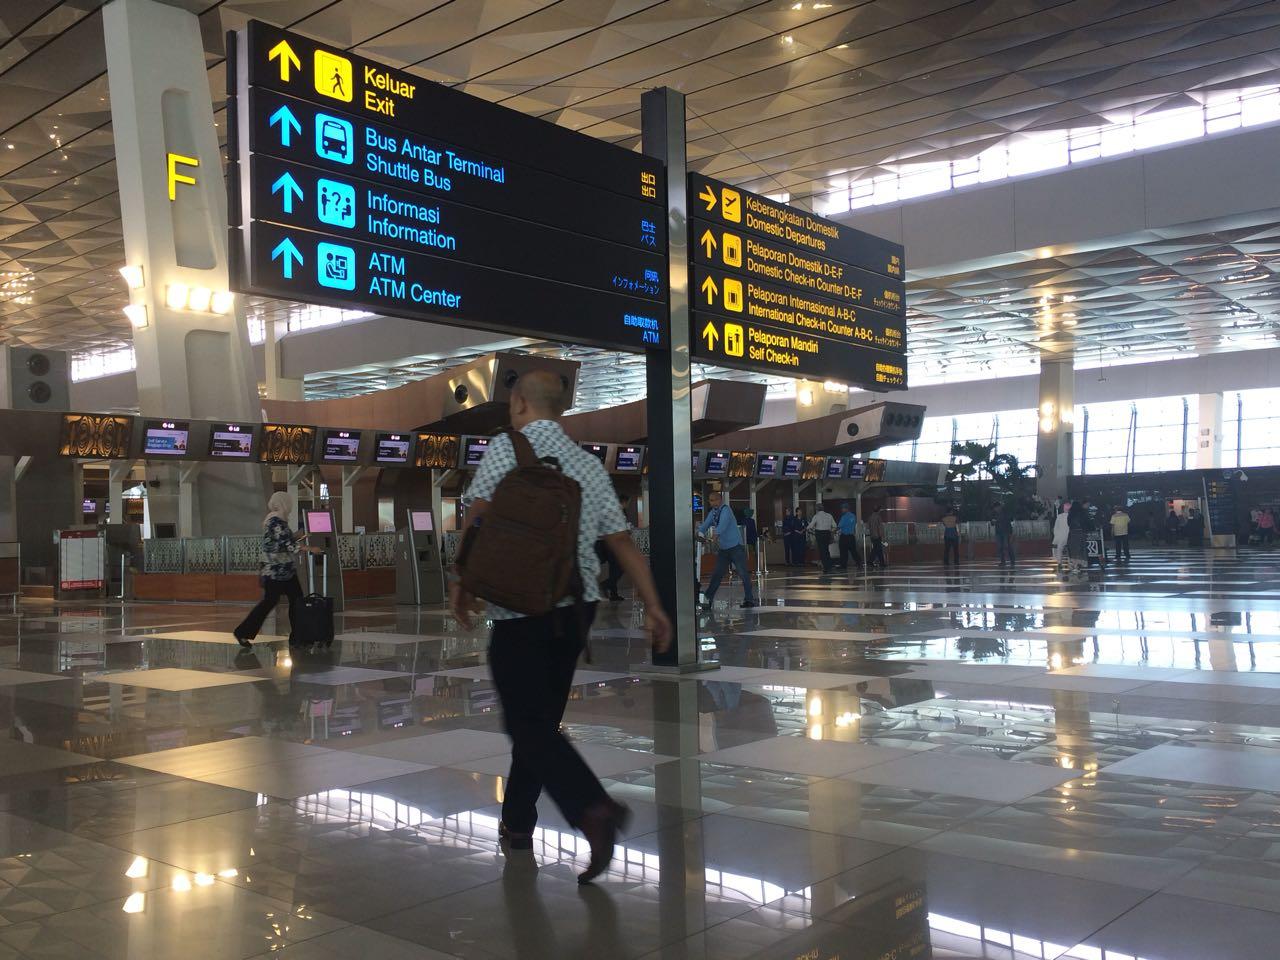 https: img.okezone.com content 2021 07 06 320 2436320 3-4-juta-penumpang-pesawat-terbang-dari-15-bandara-pada-juni-2021-FufxNIbsJj.jpg